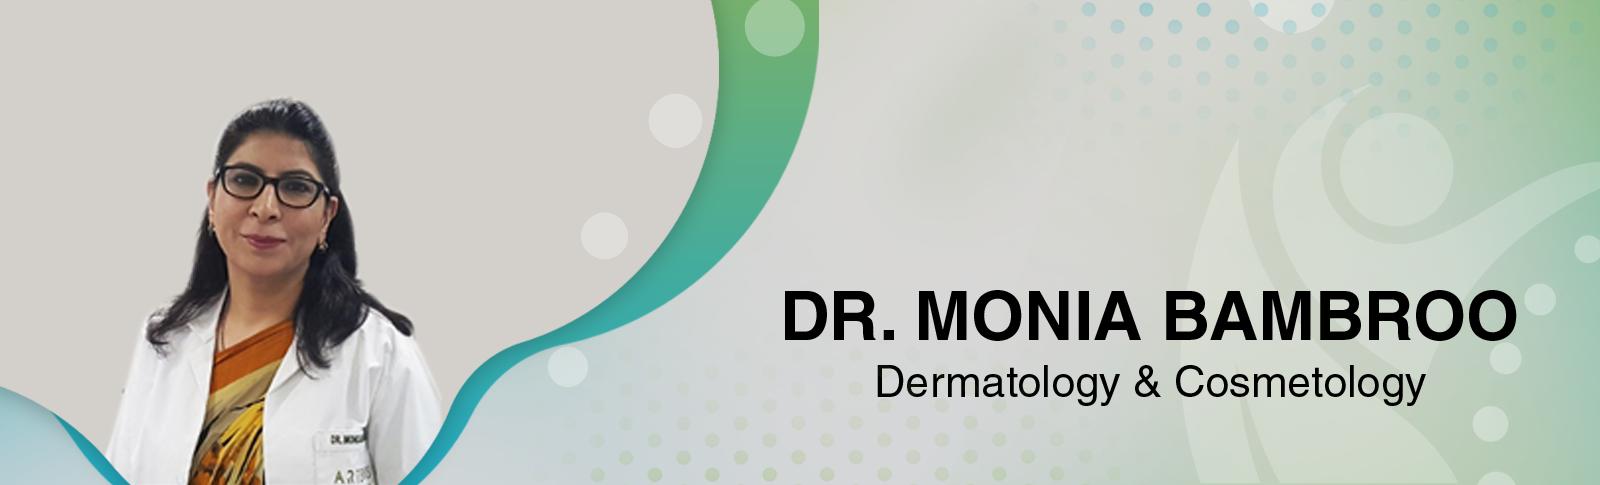 Dr. MONICA BAMBROO